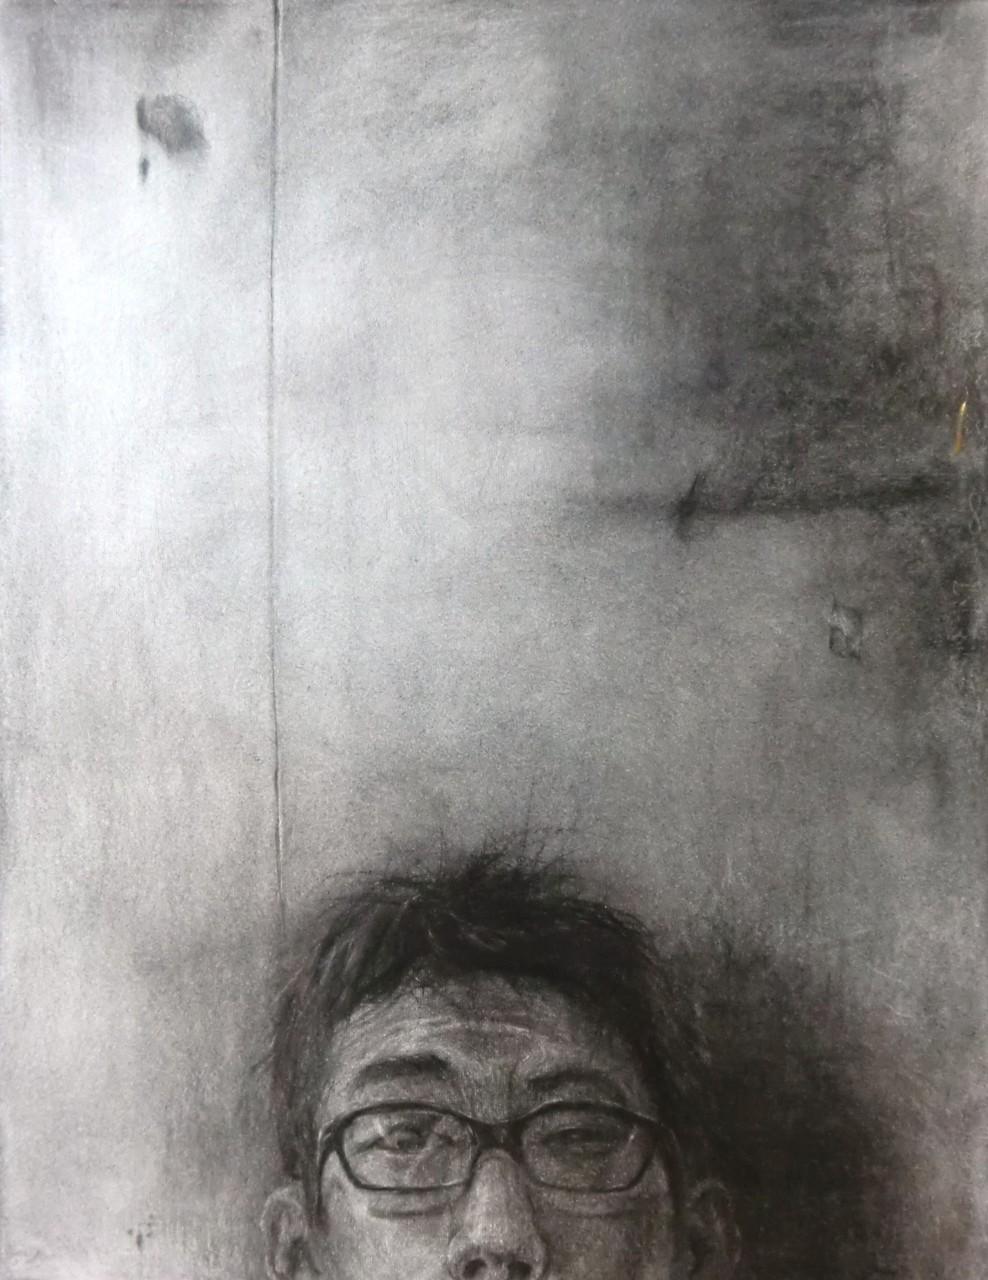 生徒作品43 木炭デッサン<自画像をモチーフにして> 木炭紙大 【油画系】